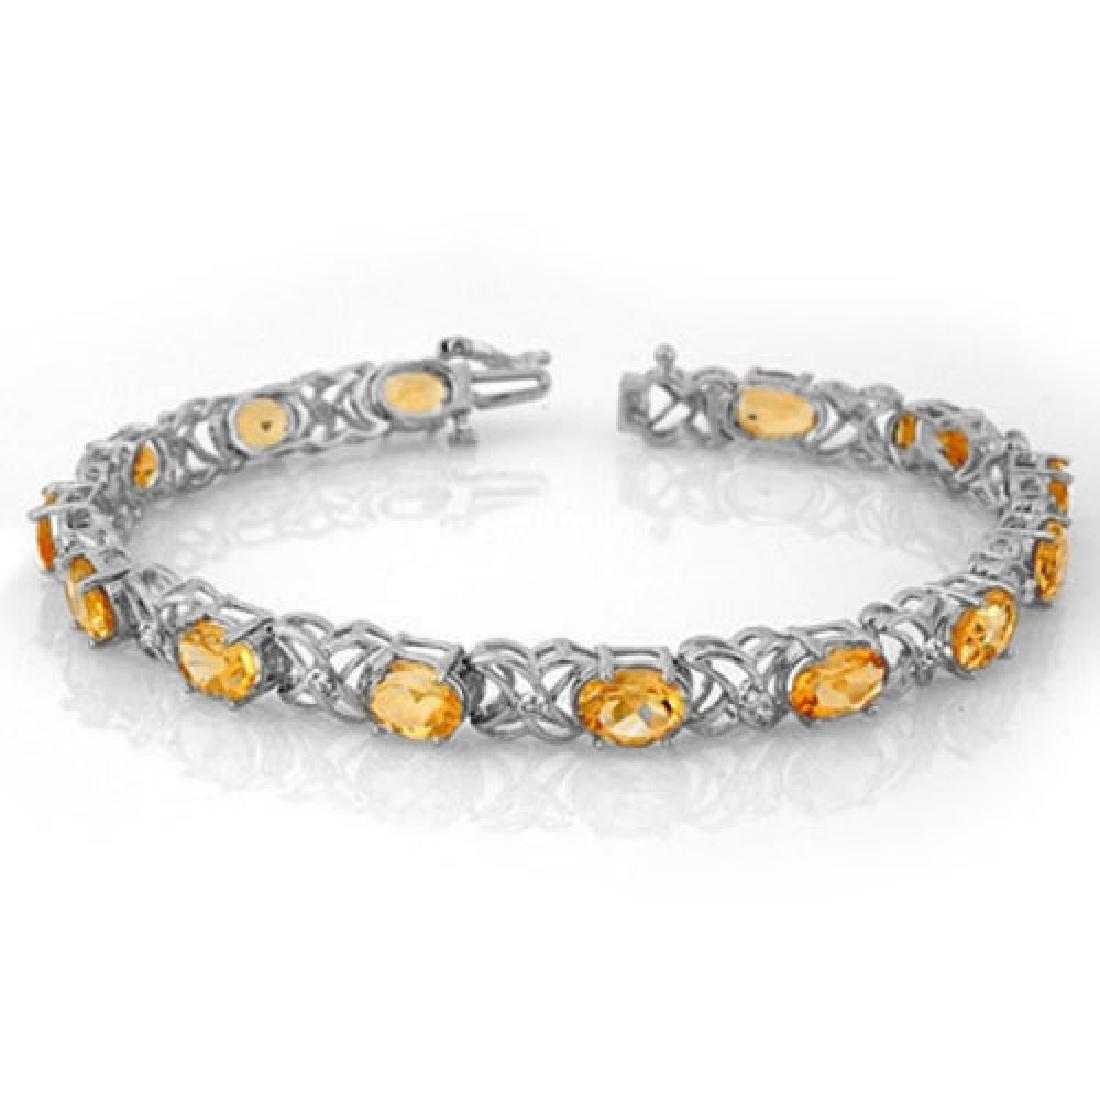 10.65 CTW Citrine & Diamond Bracelet 14K White Gold